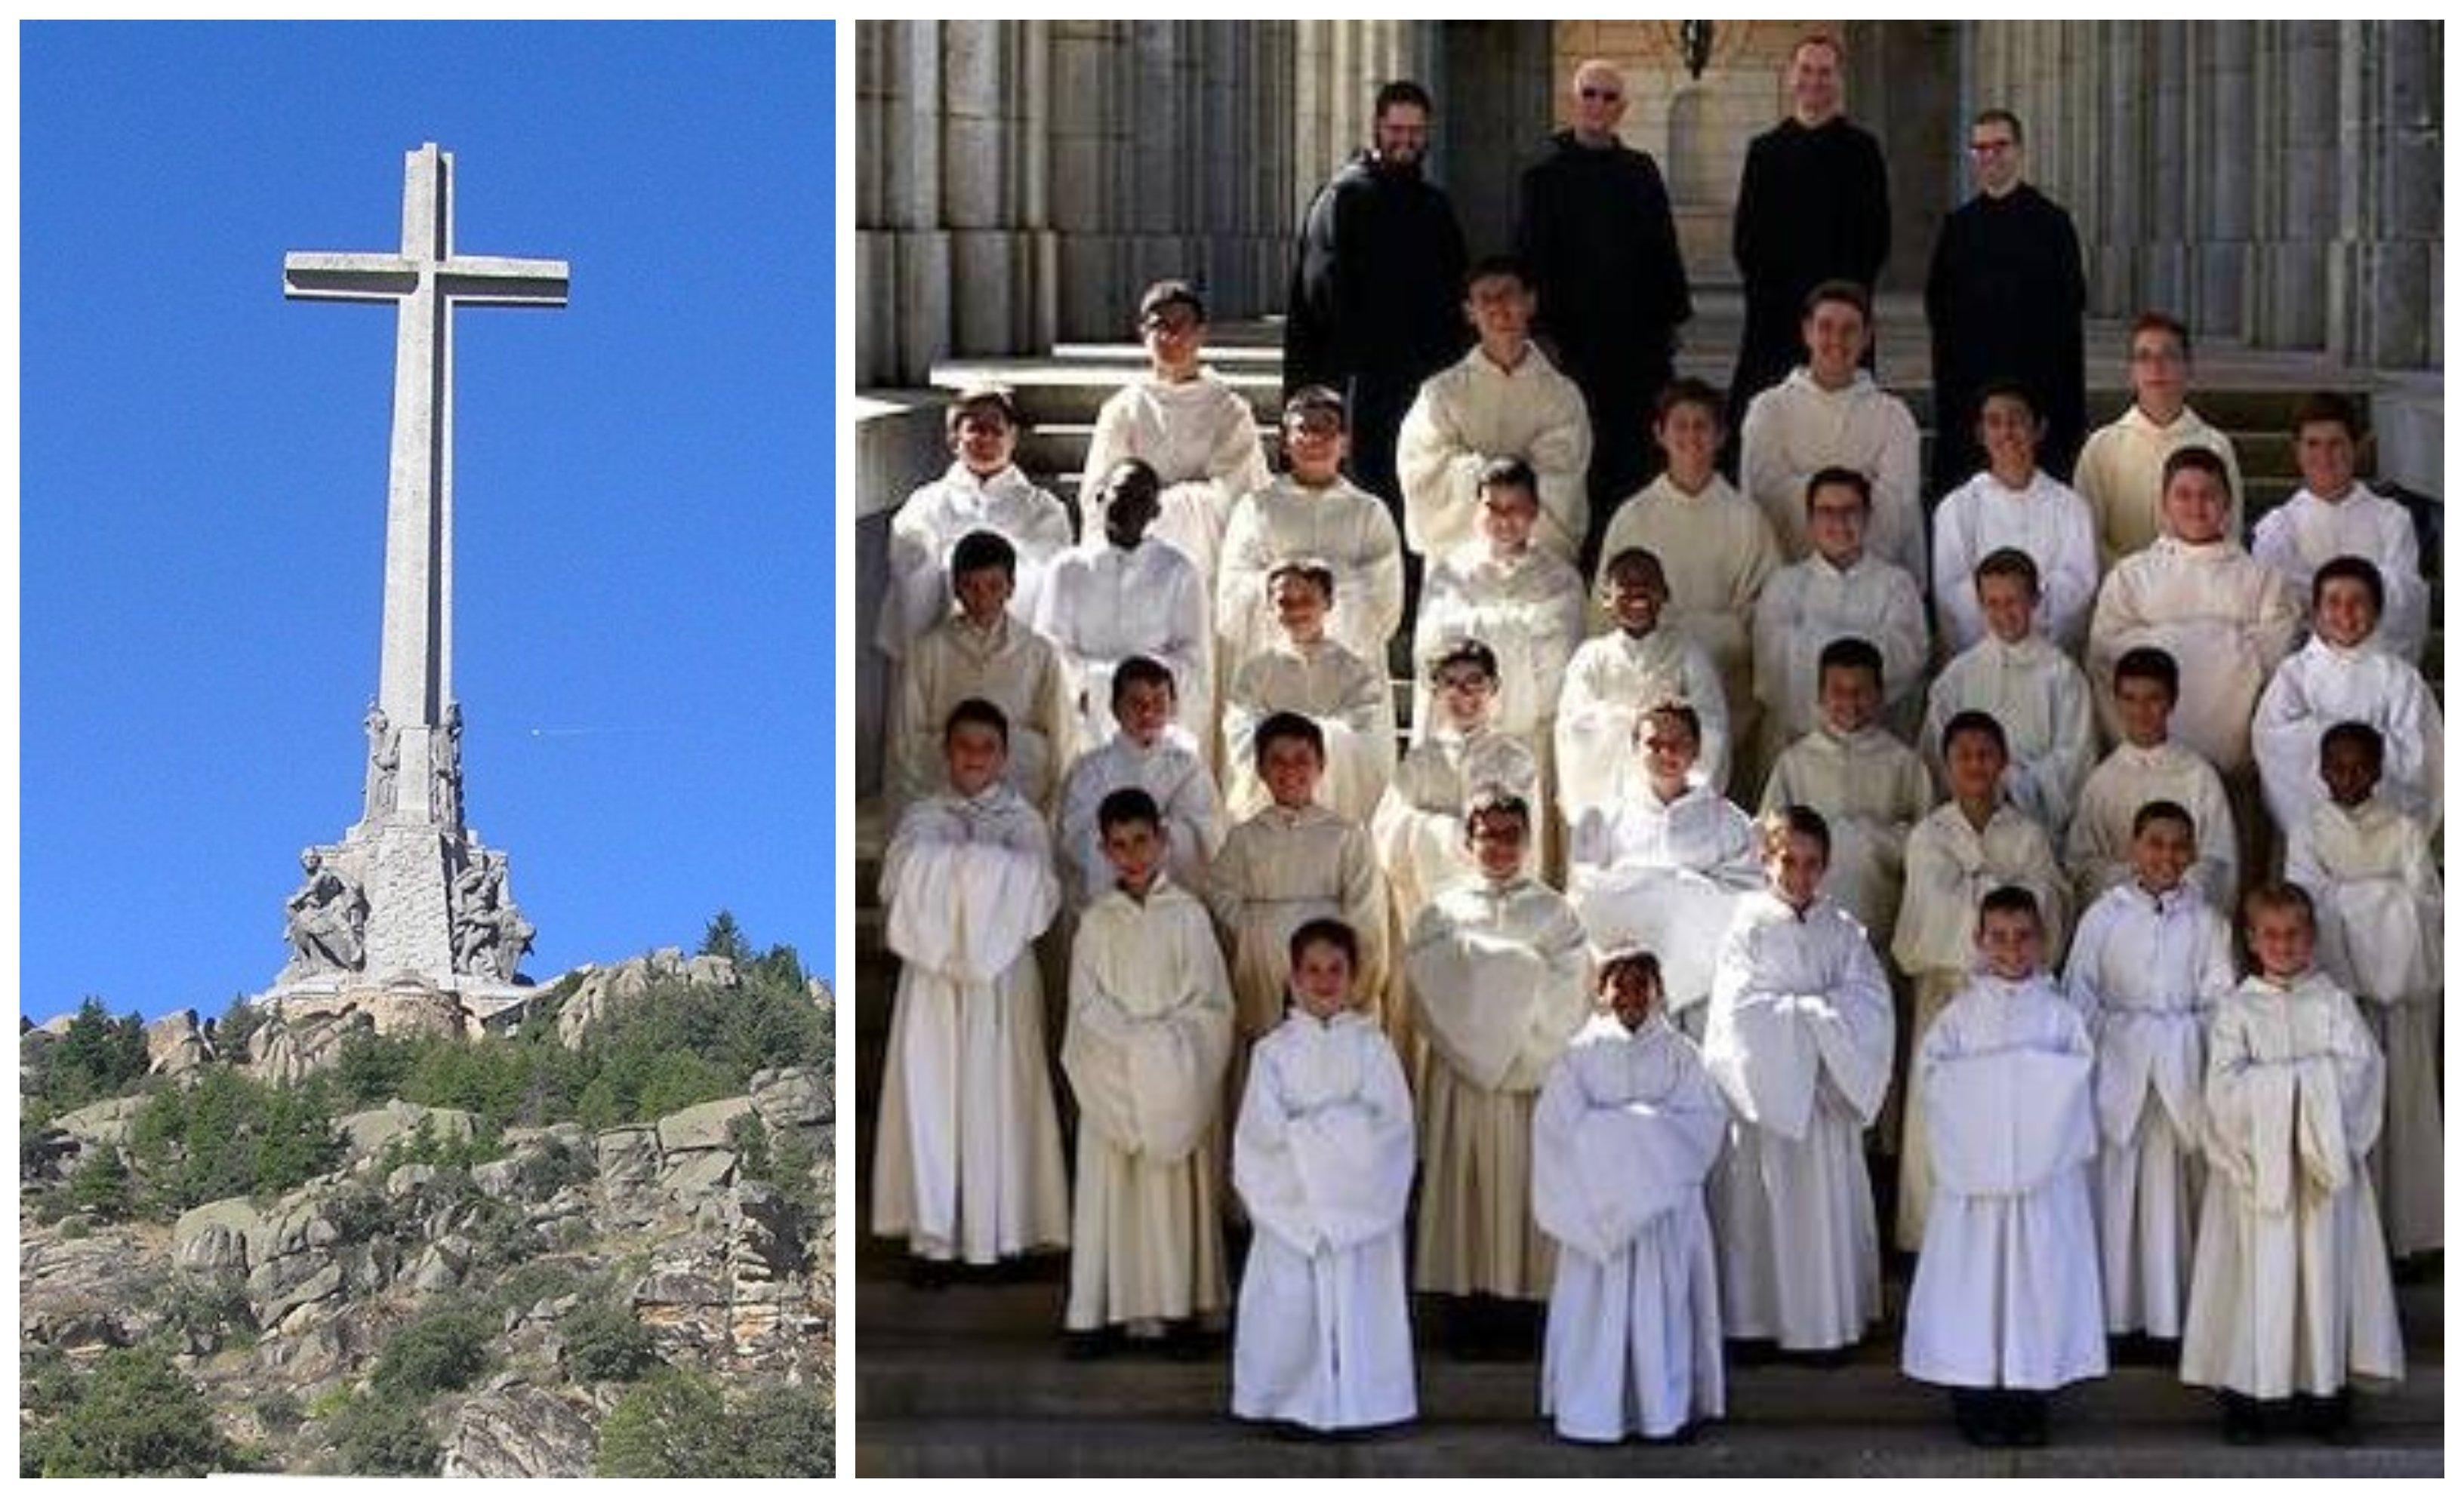 La cruz del Valle de los Caídos y la Escolanía de los benedictinos